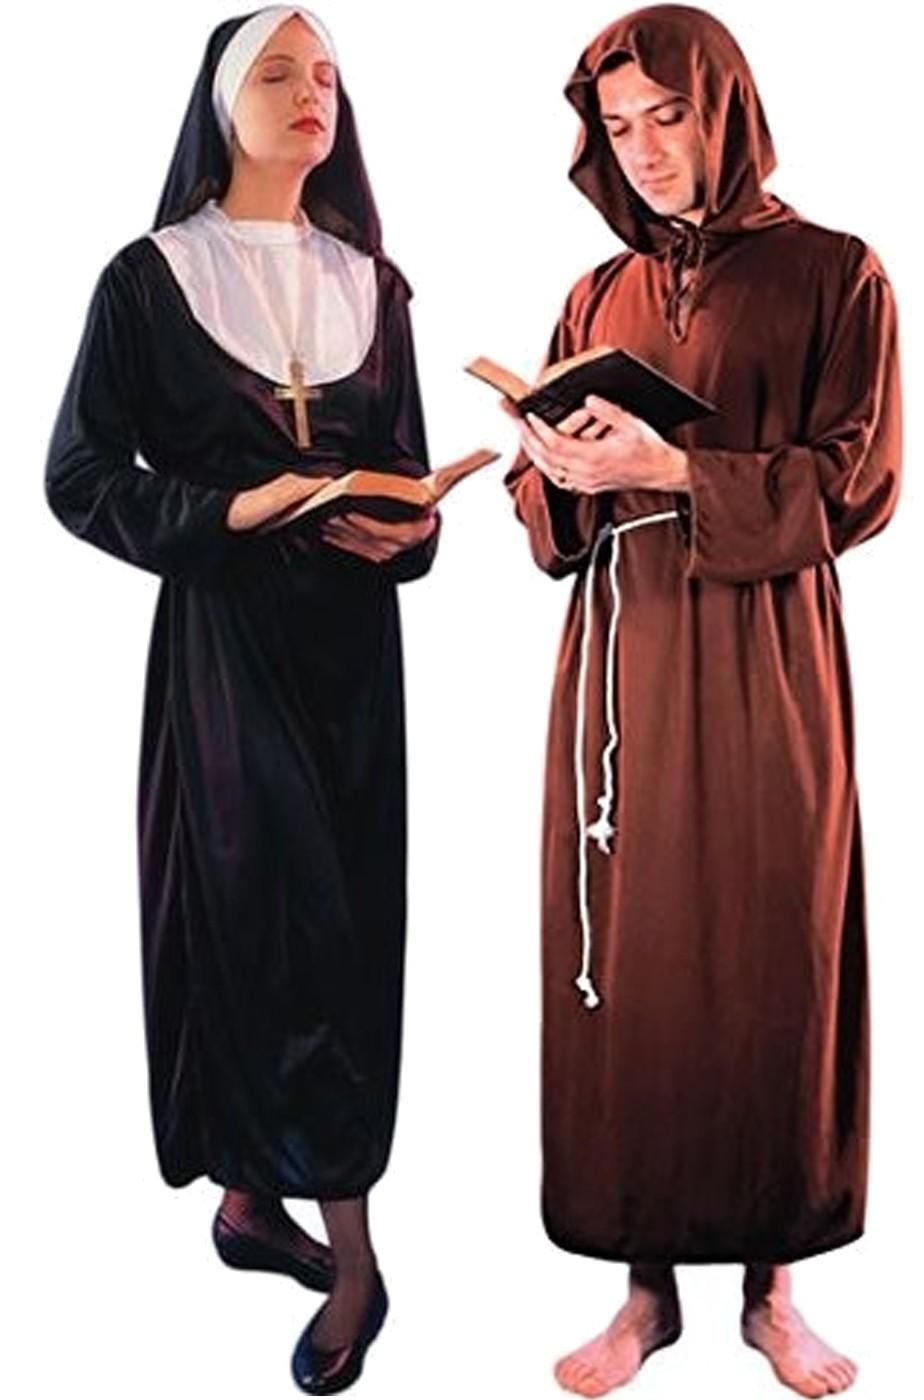 Coppia di costumi di carnevale adulti in offerta suora e monaco fe1c13cb0978